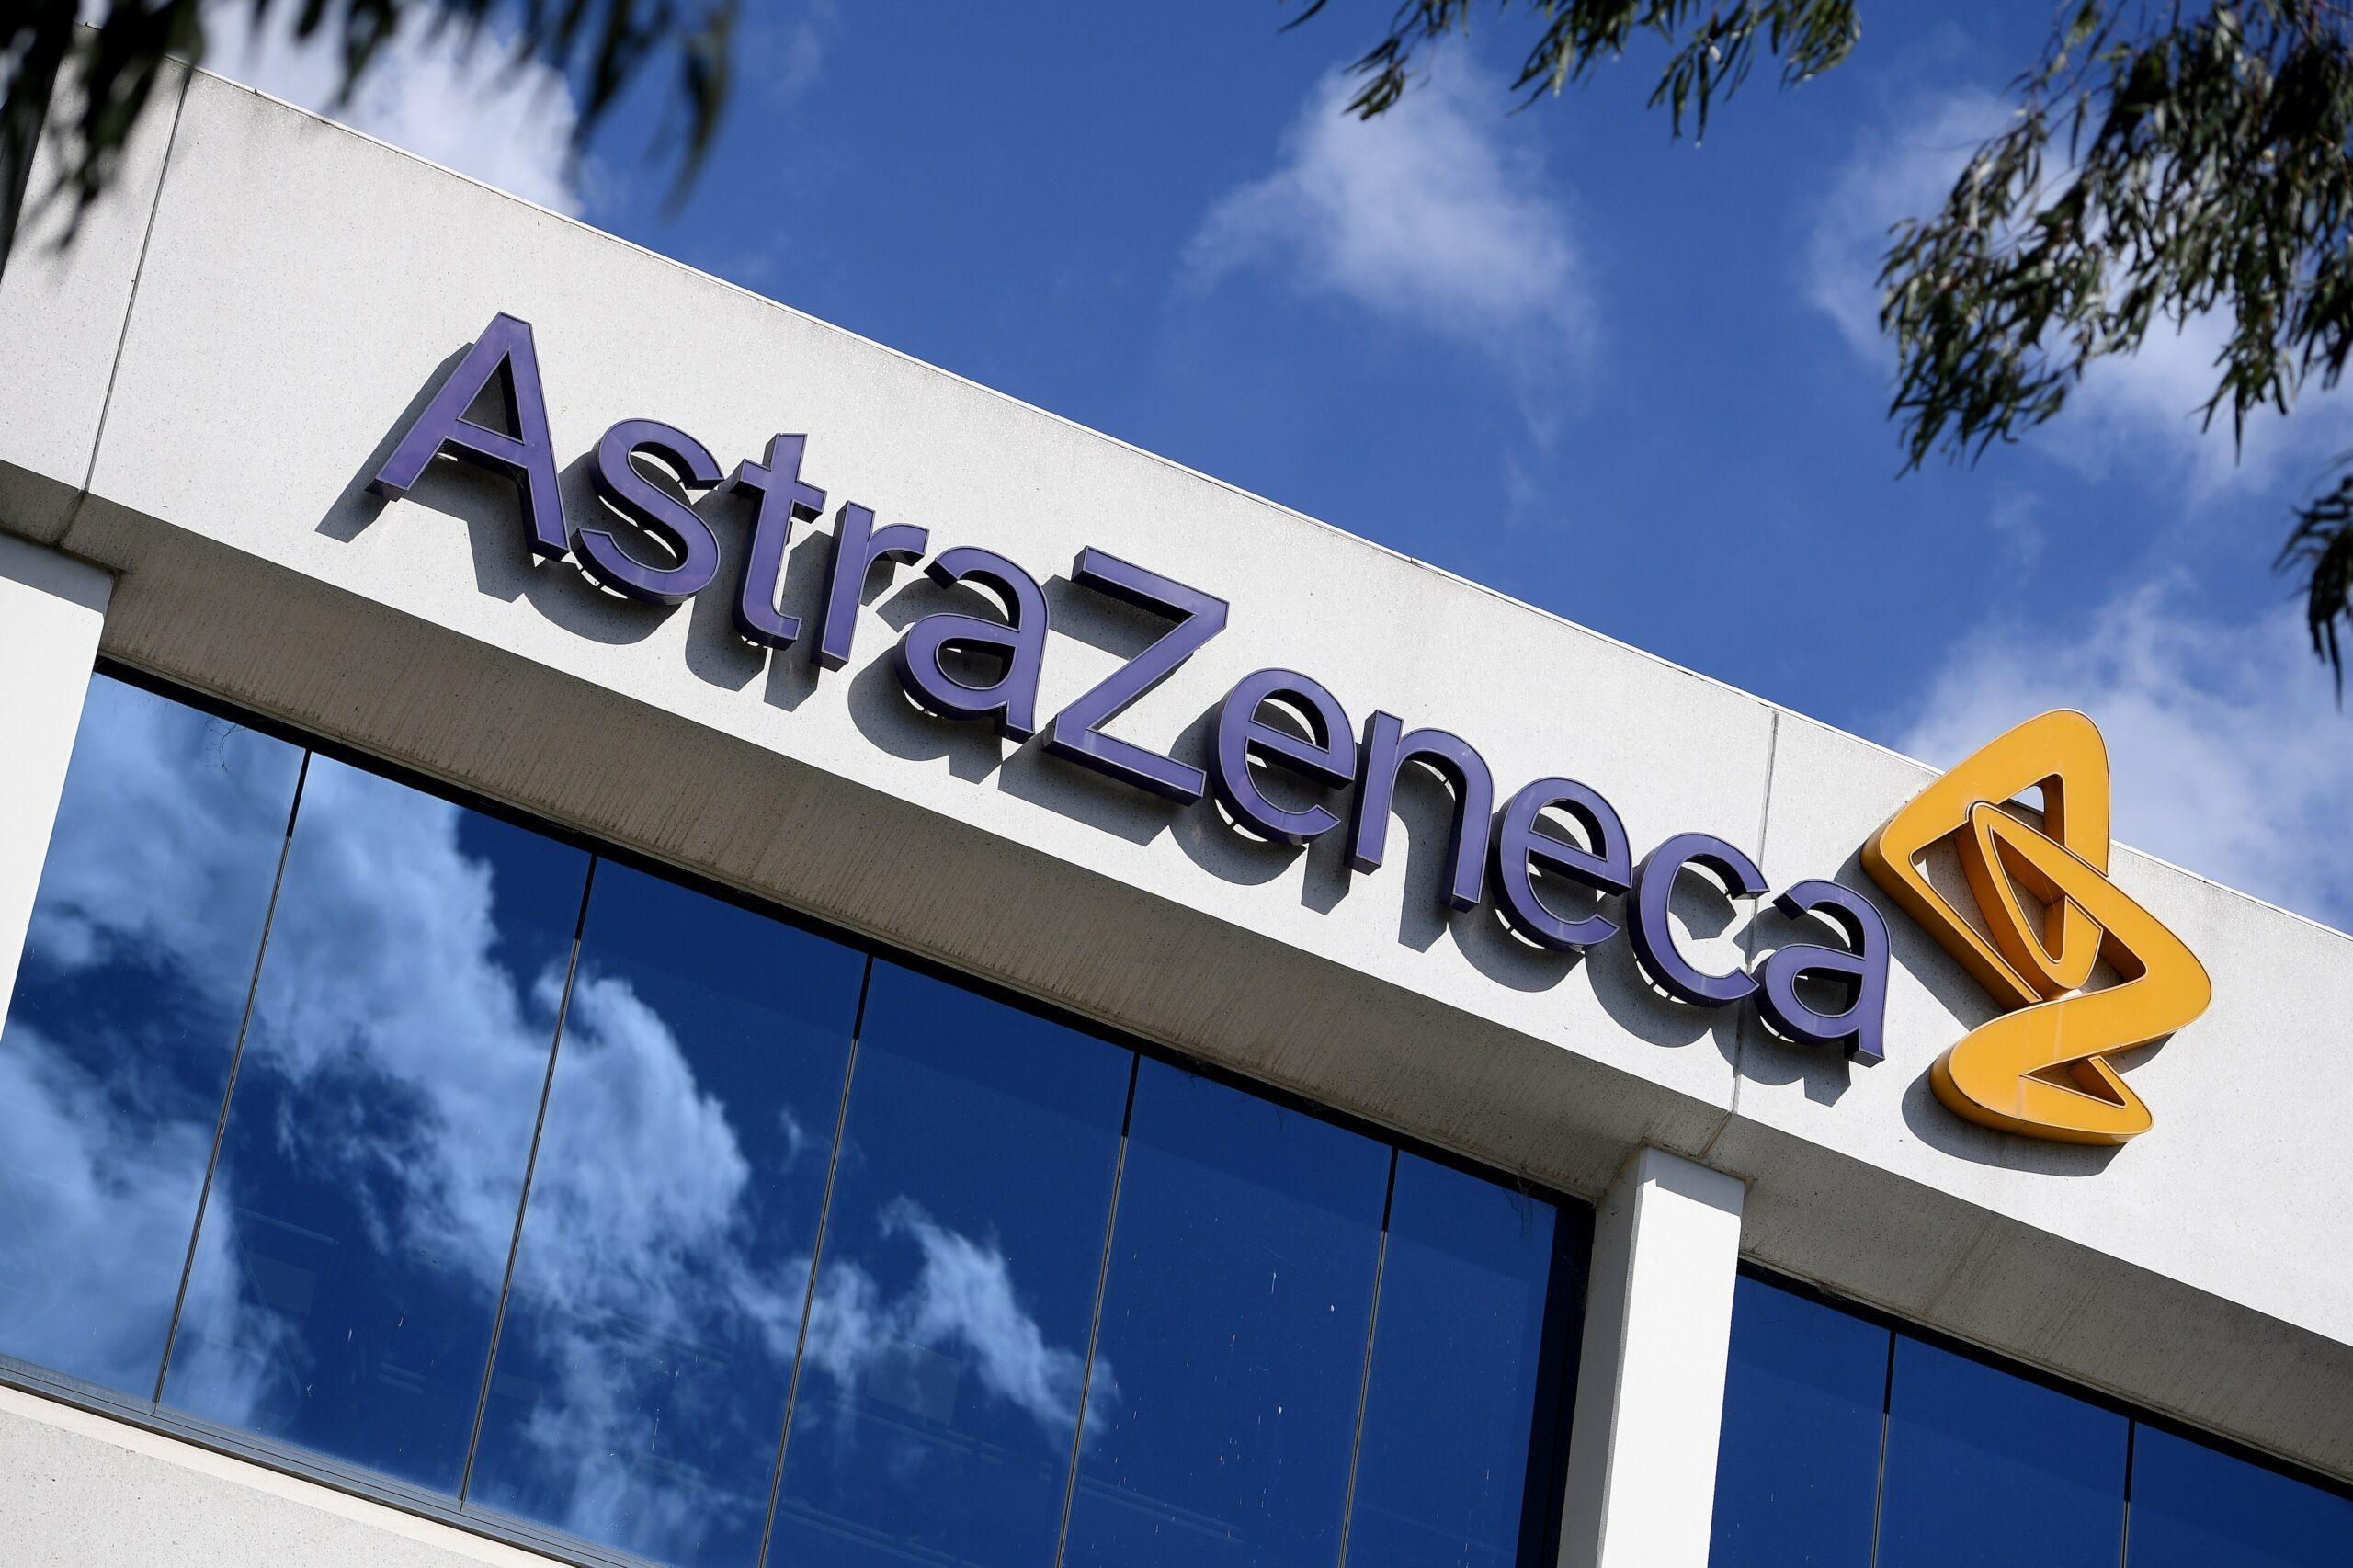 Denuncian intento de hackeo a AstraZeneca